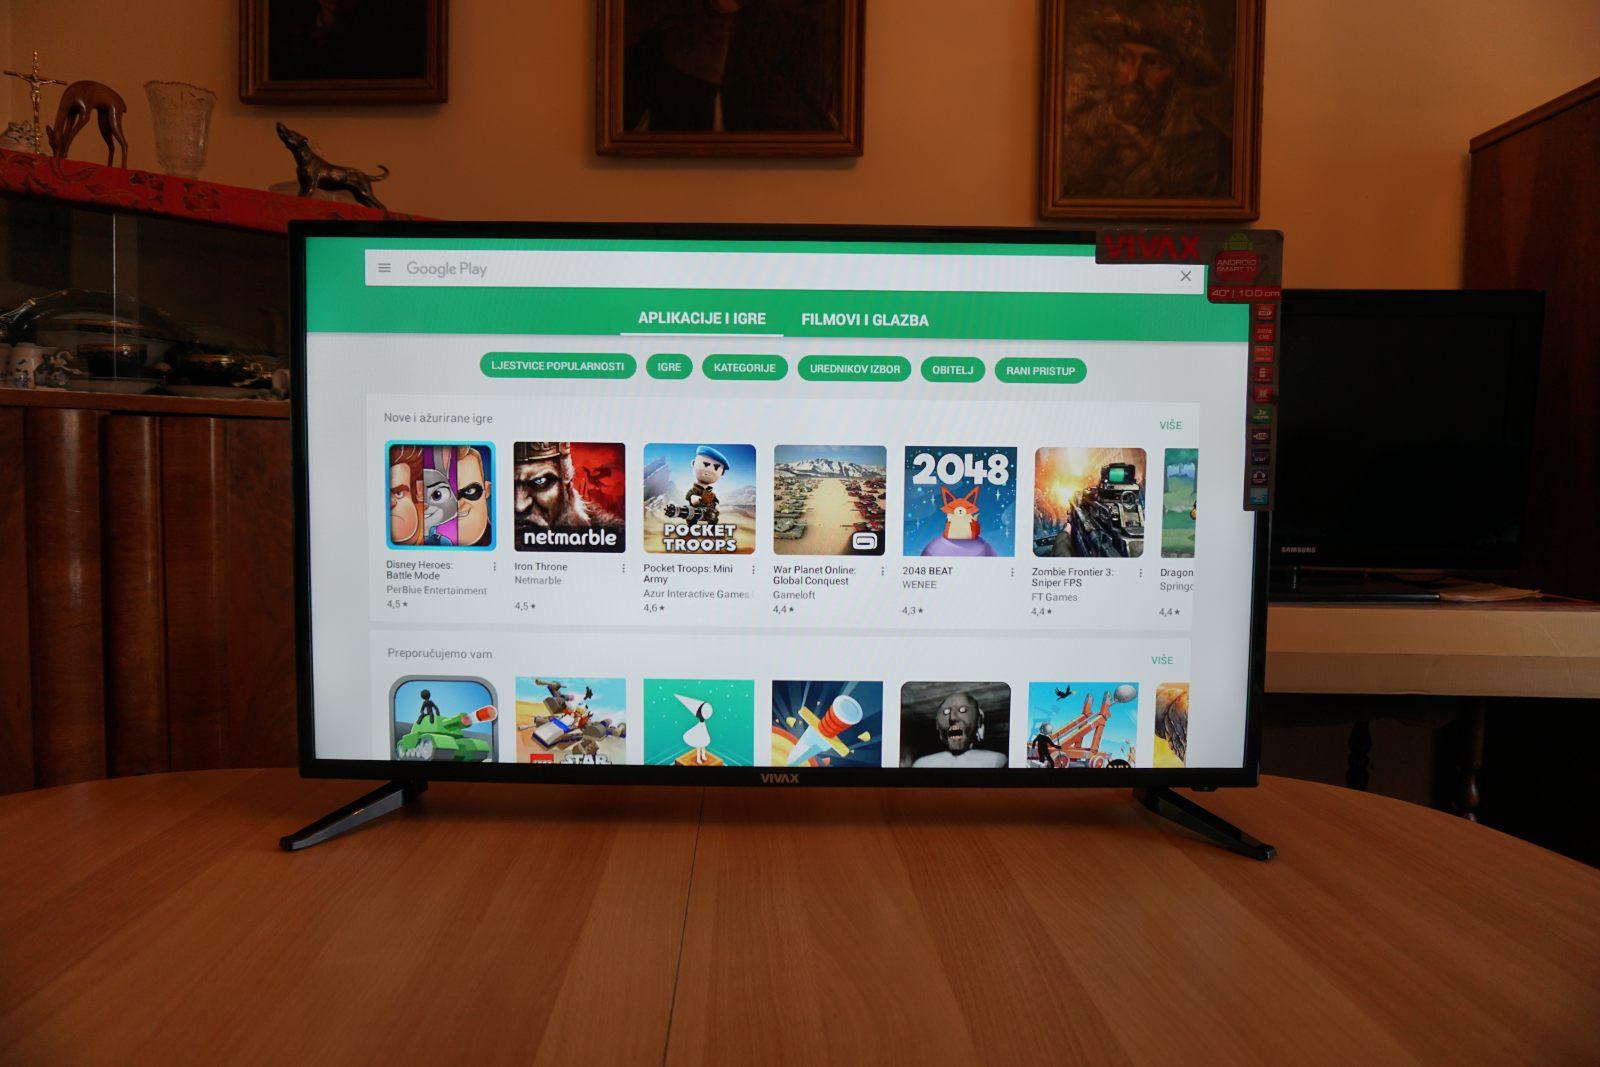 Vivax TV 40LE77SM 16